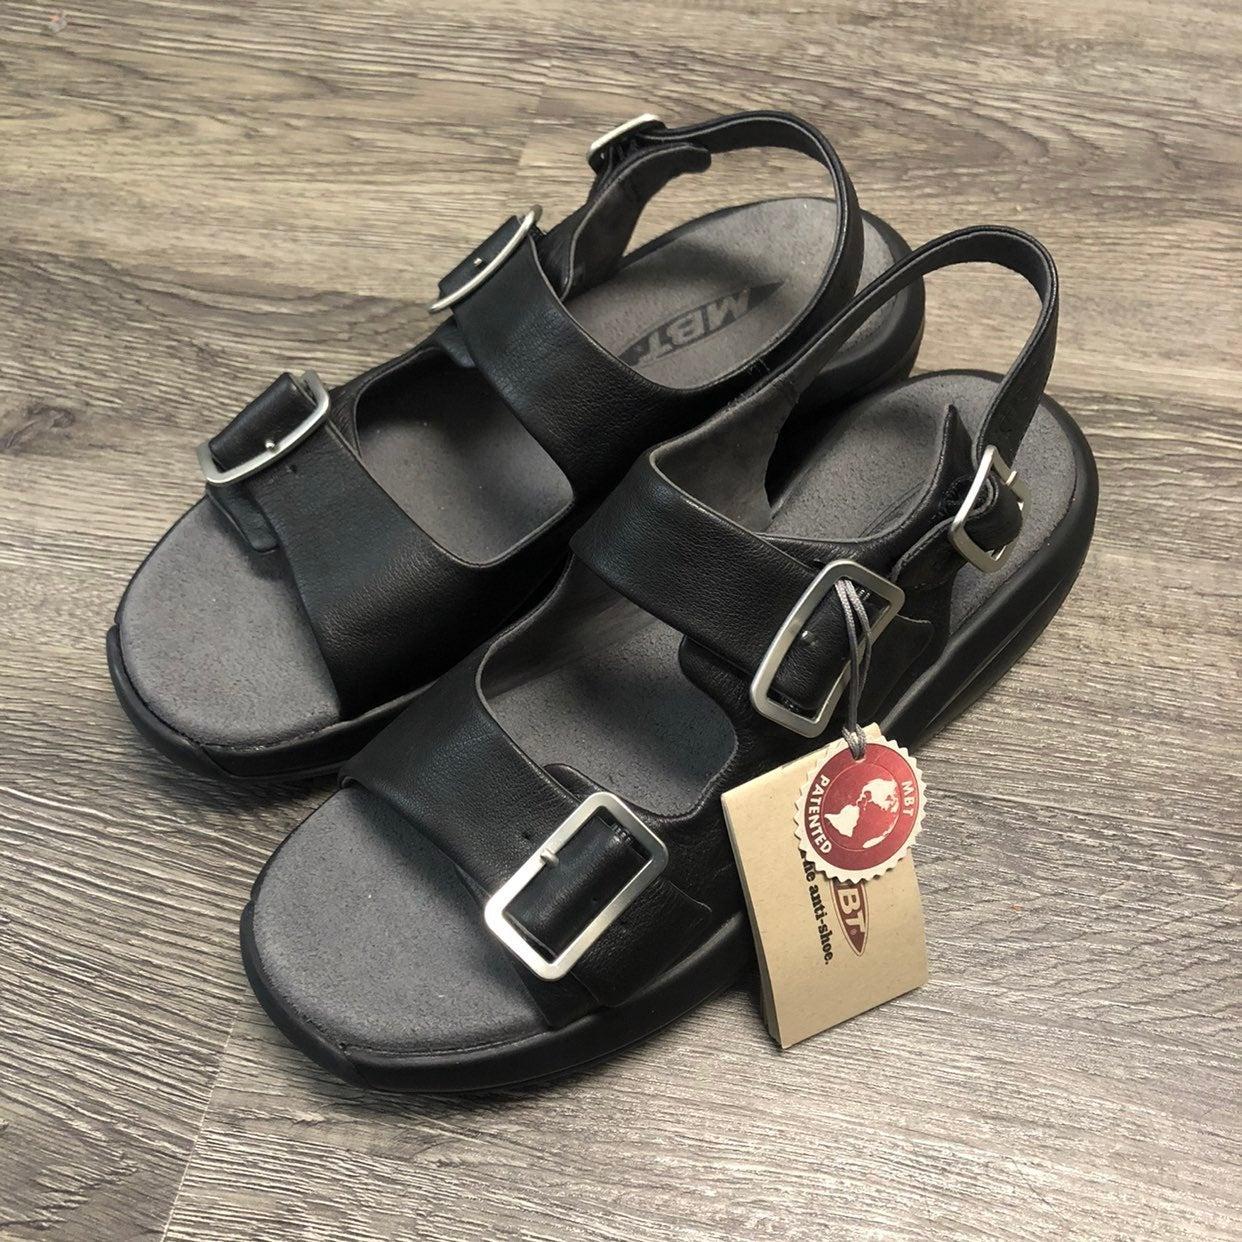 MBT comfort salama toning sandals